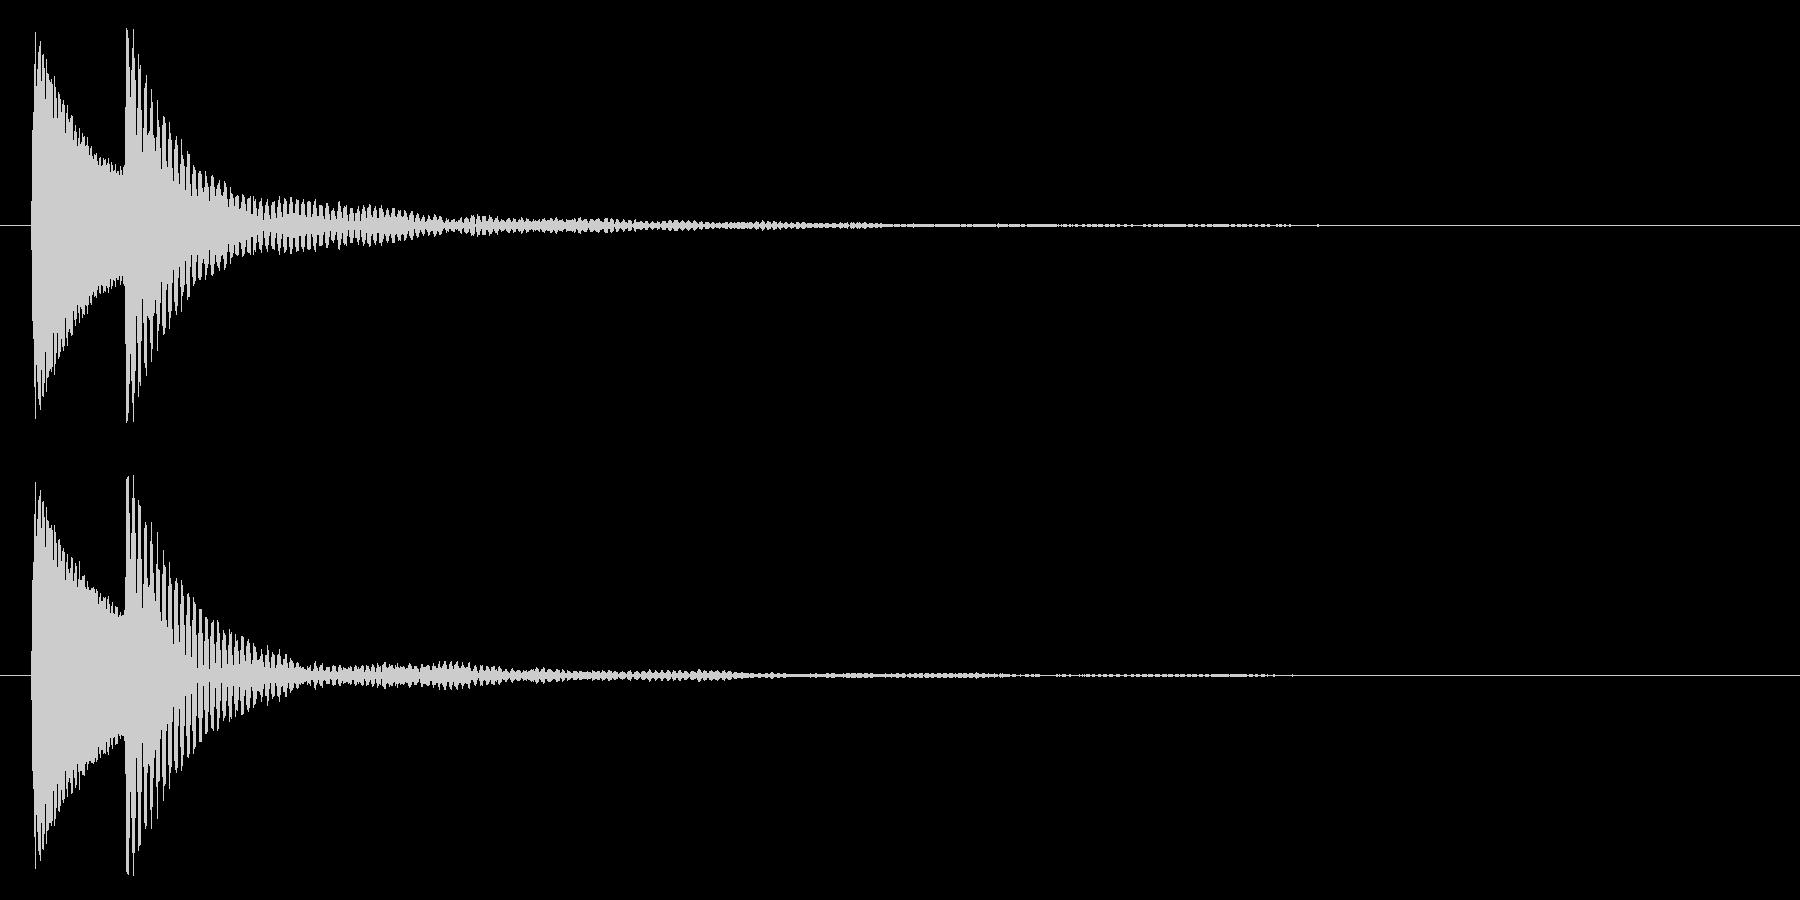 汎用性のあるアプリタッチ&決定音ですの未再生の波形